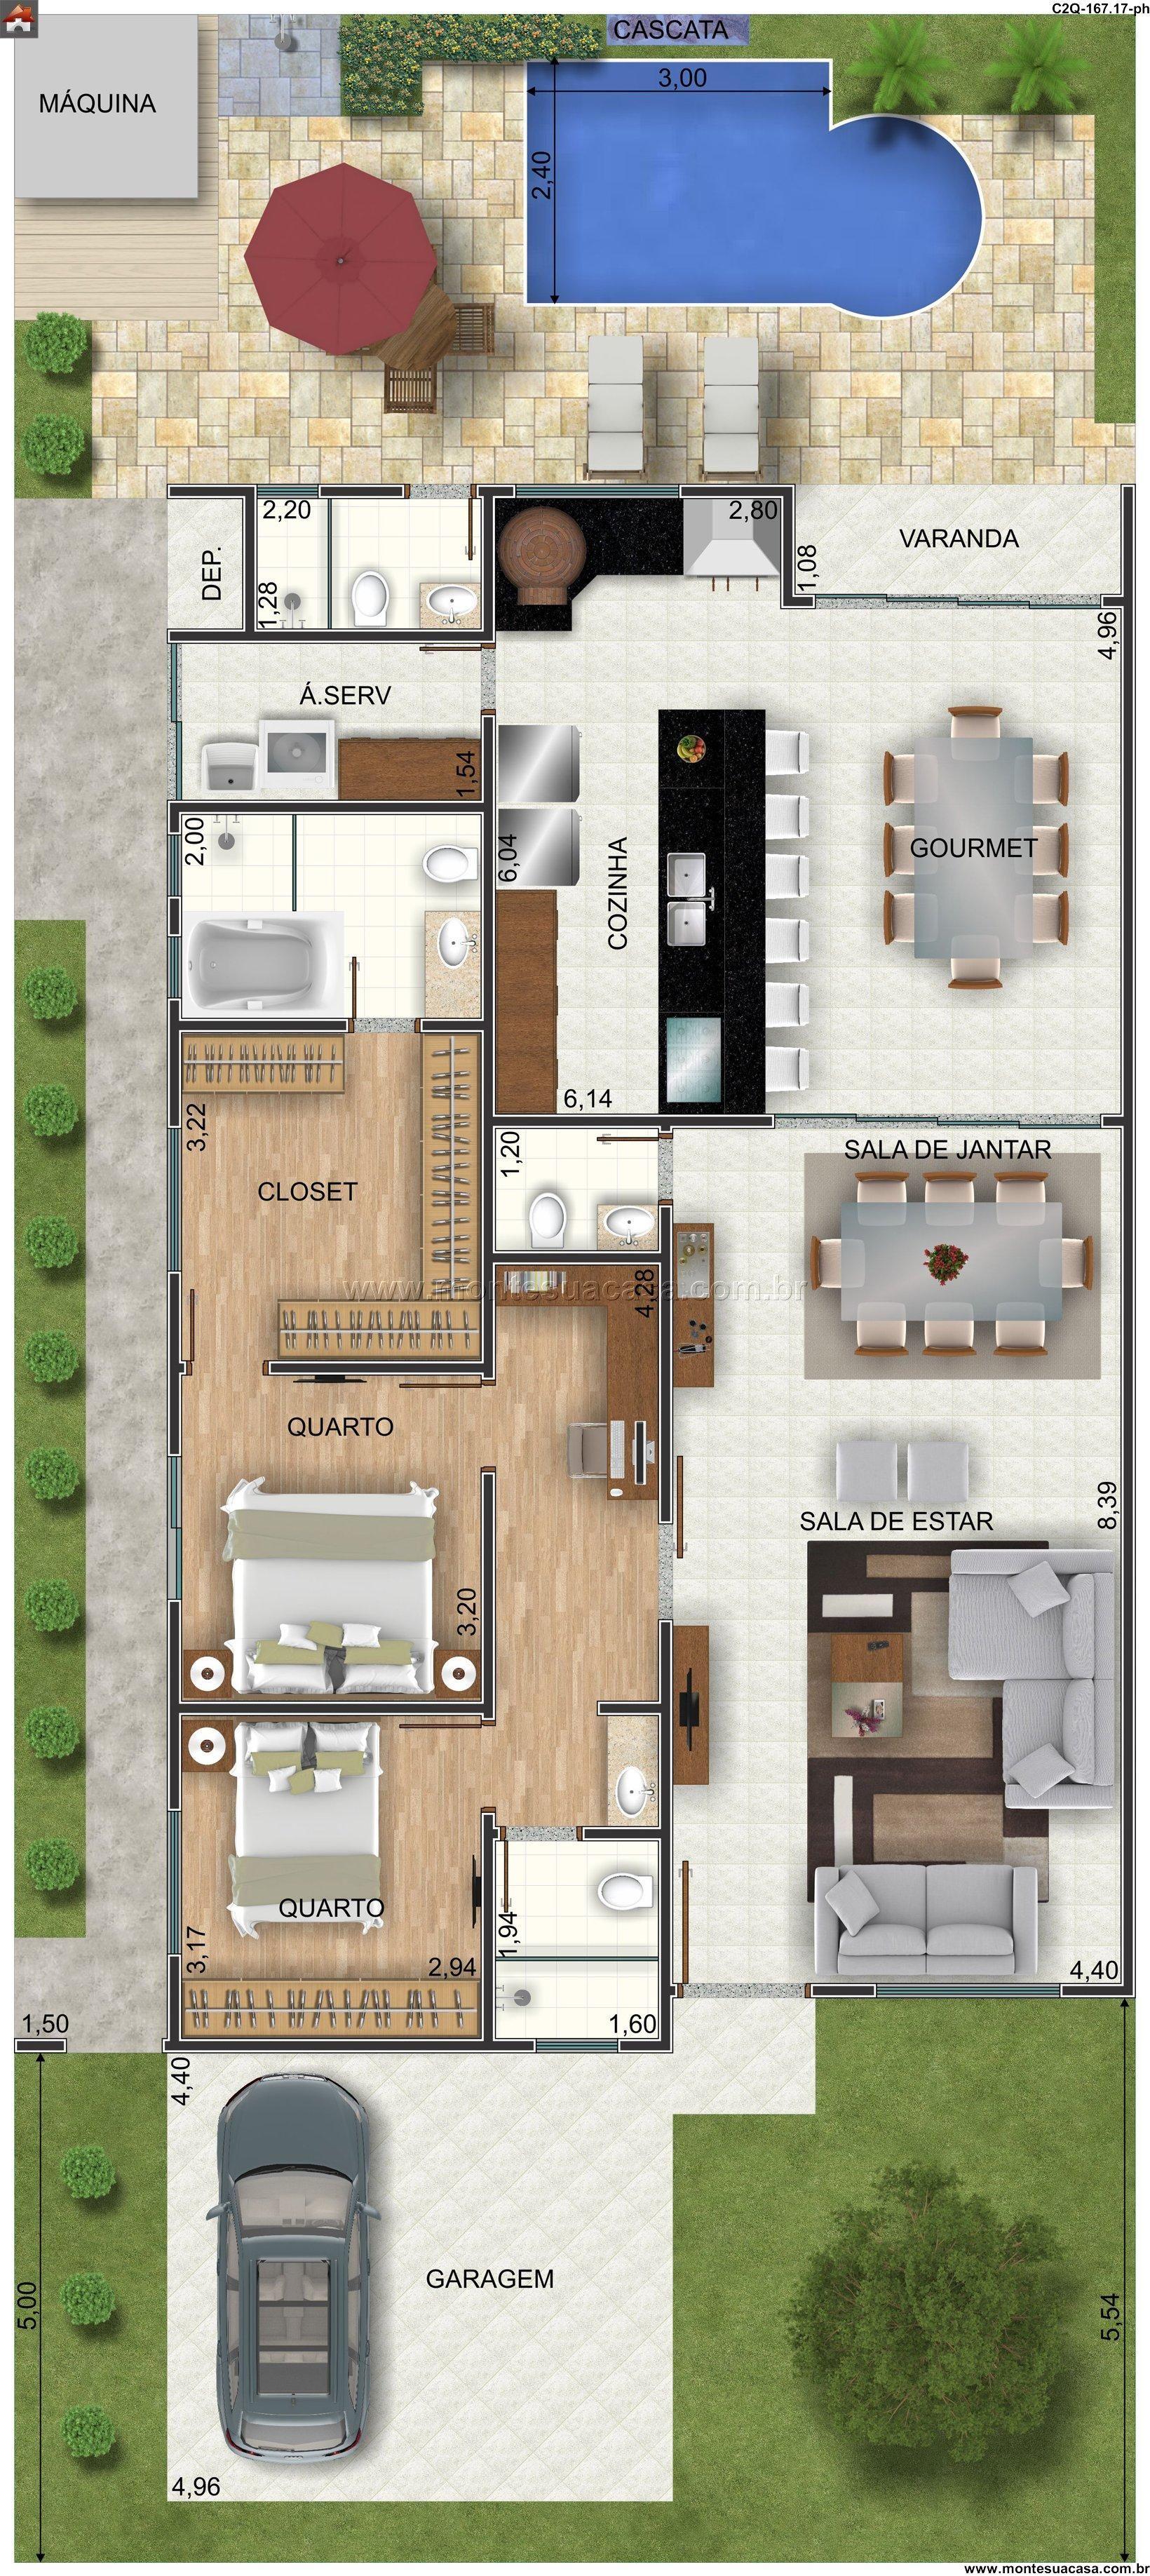 Casa 1 Quartos   167.17m². Personnes AgéesDesign MaisonPlans MaisonMaroc CouleursEssayerMaisons ModernesPetites ...